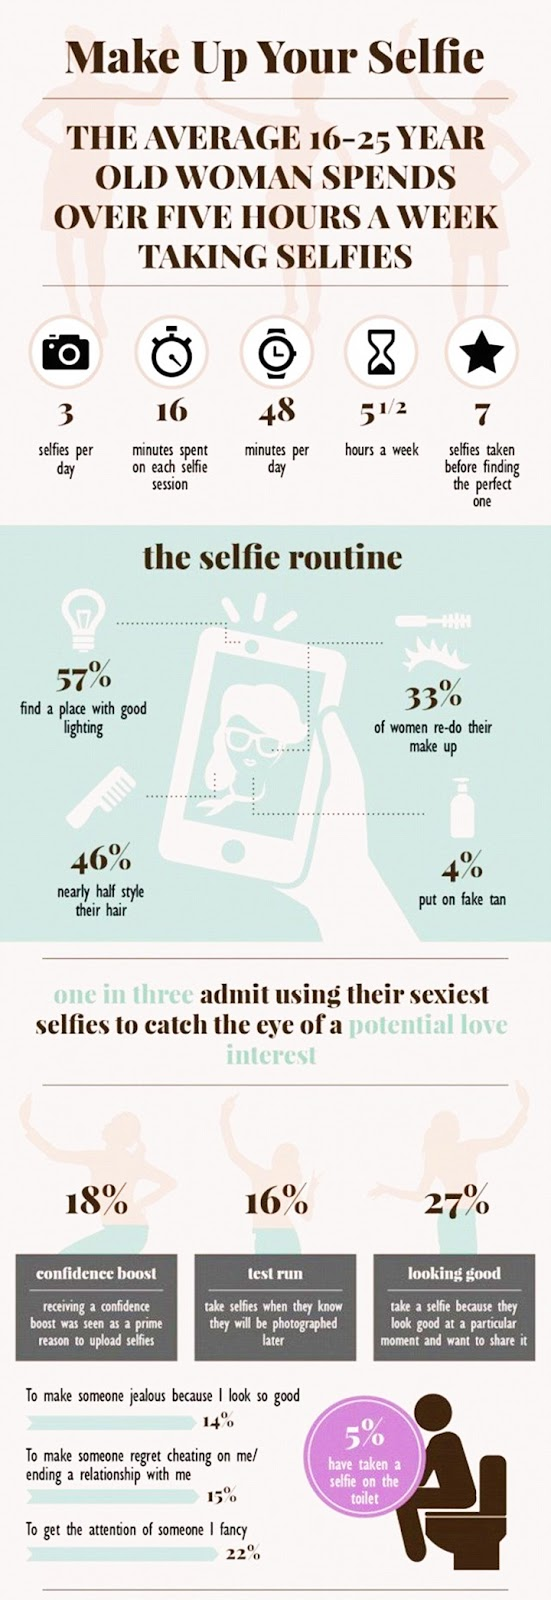 Alsan mengapa wanita suka melakukan selfie